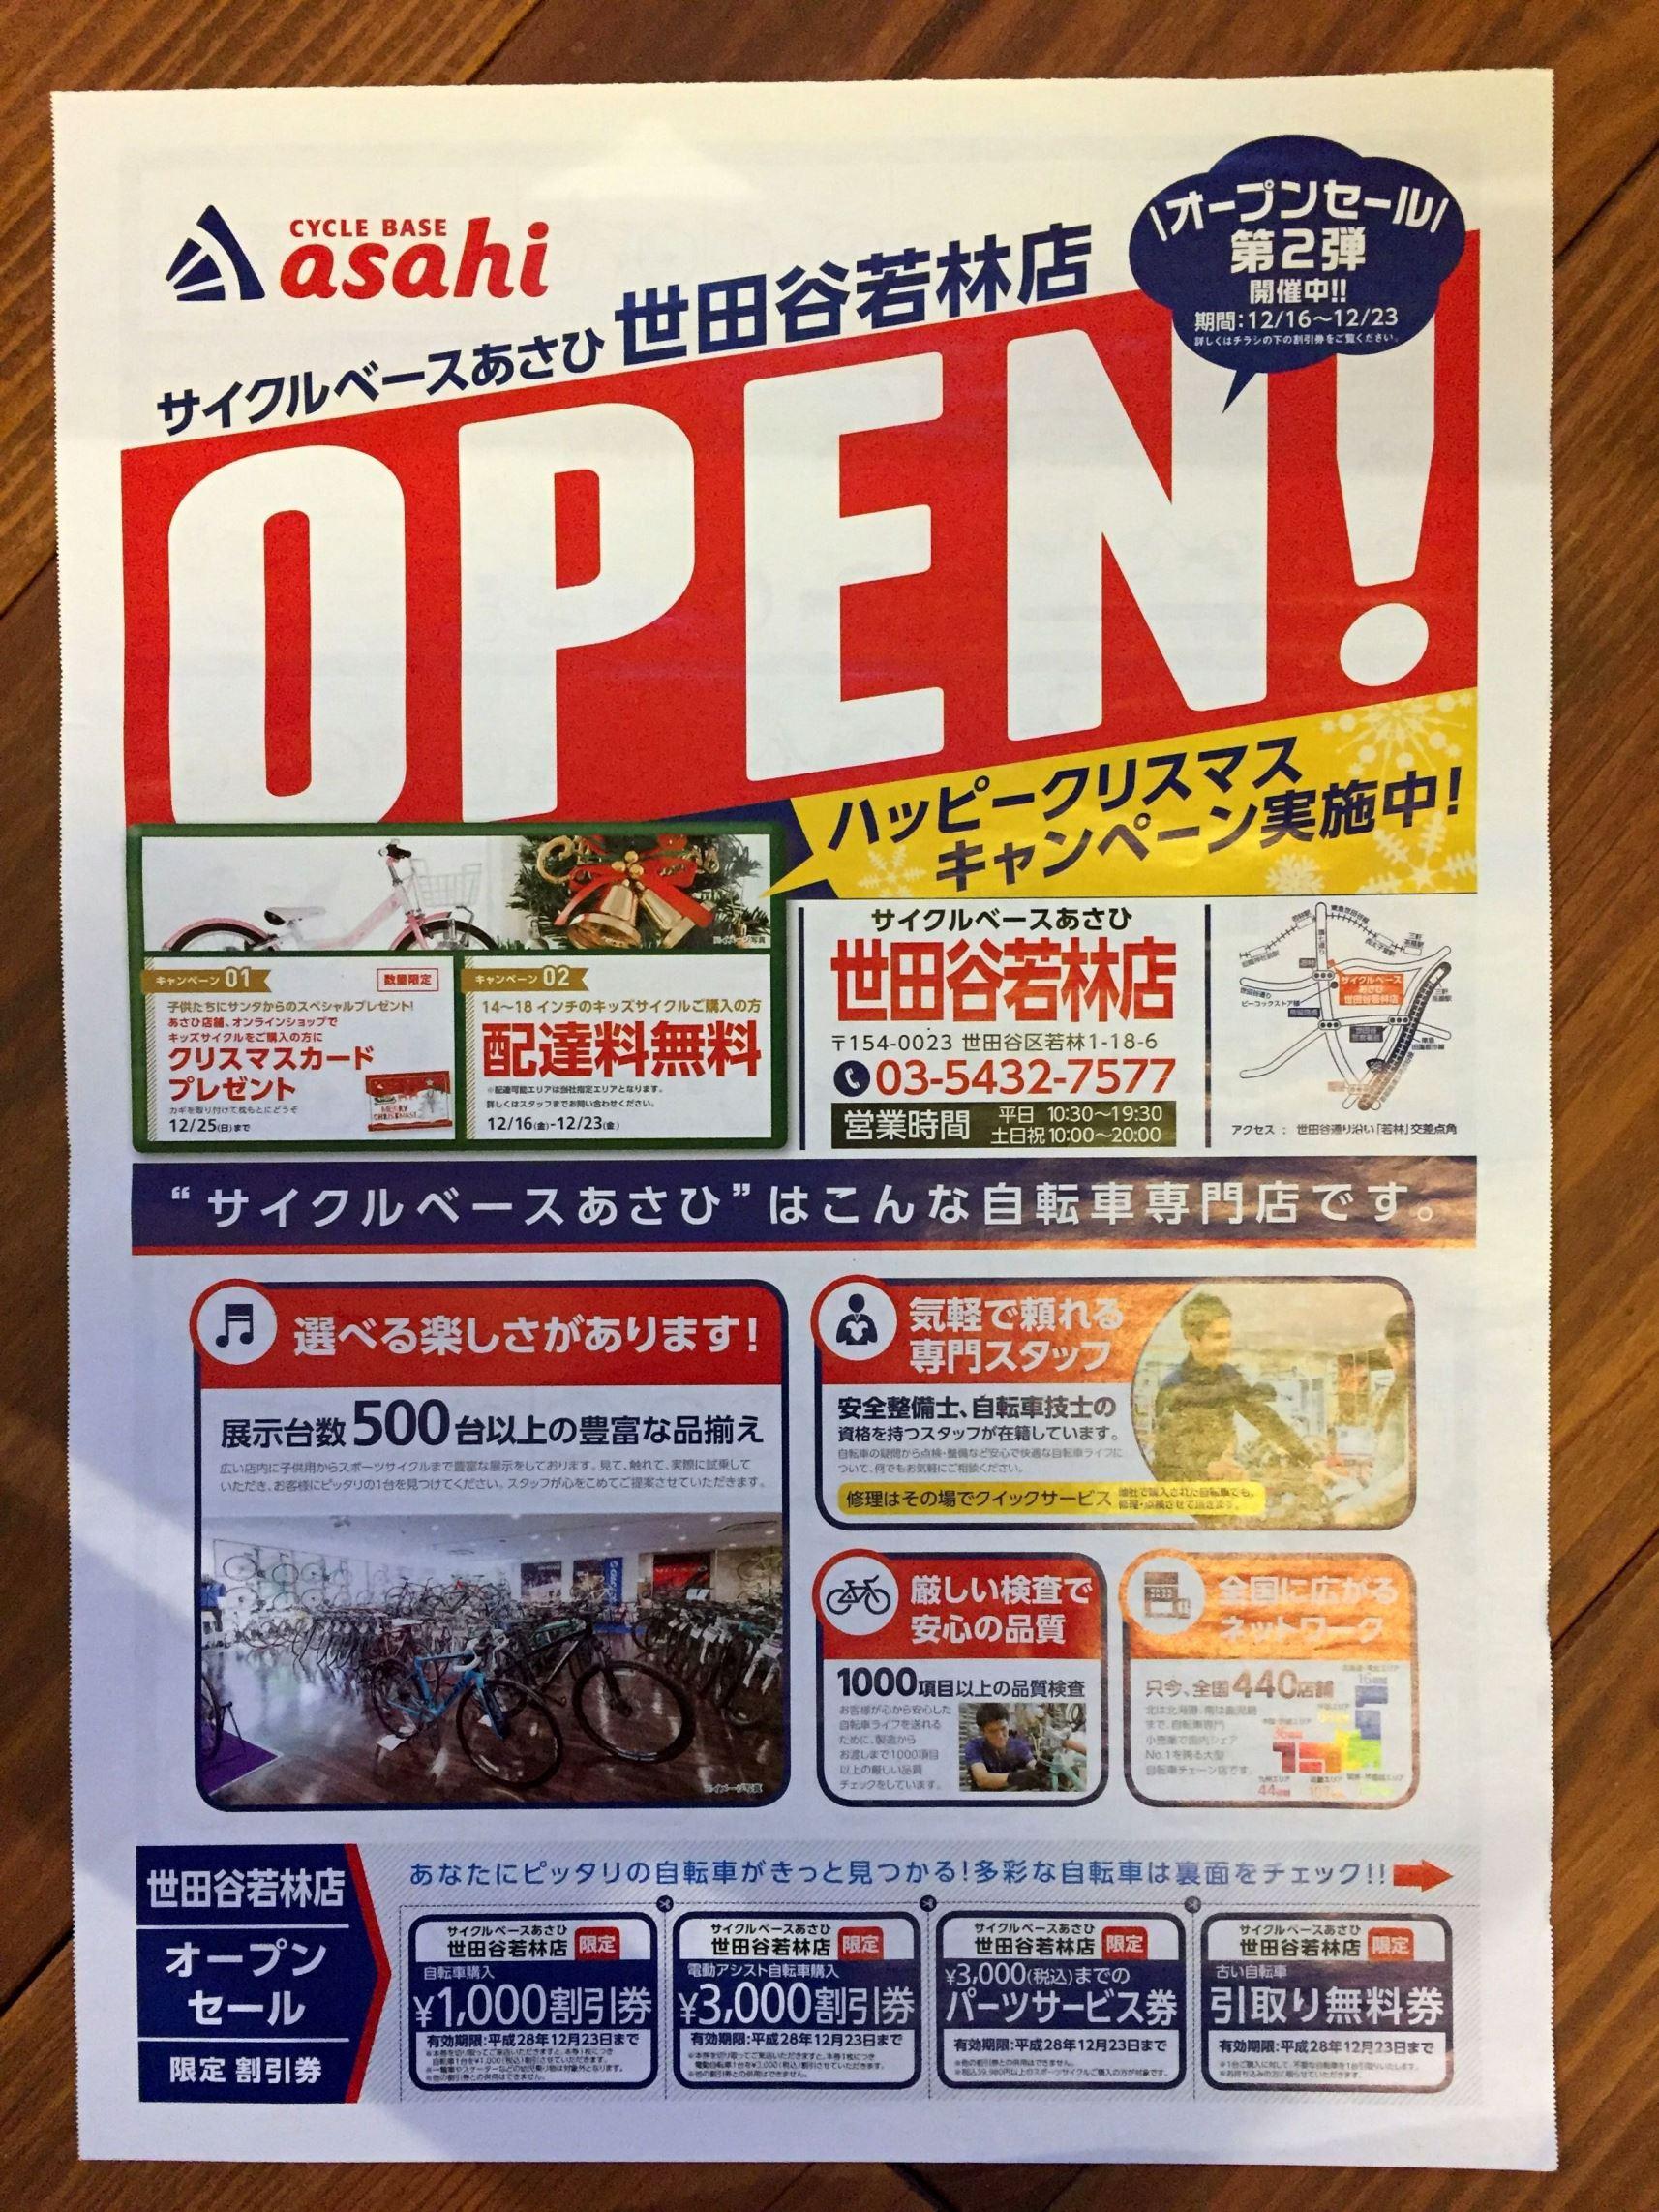 下北沢界隈最大の自転車店開店「サイクルベースあさひ 世田谷若林店」